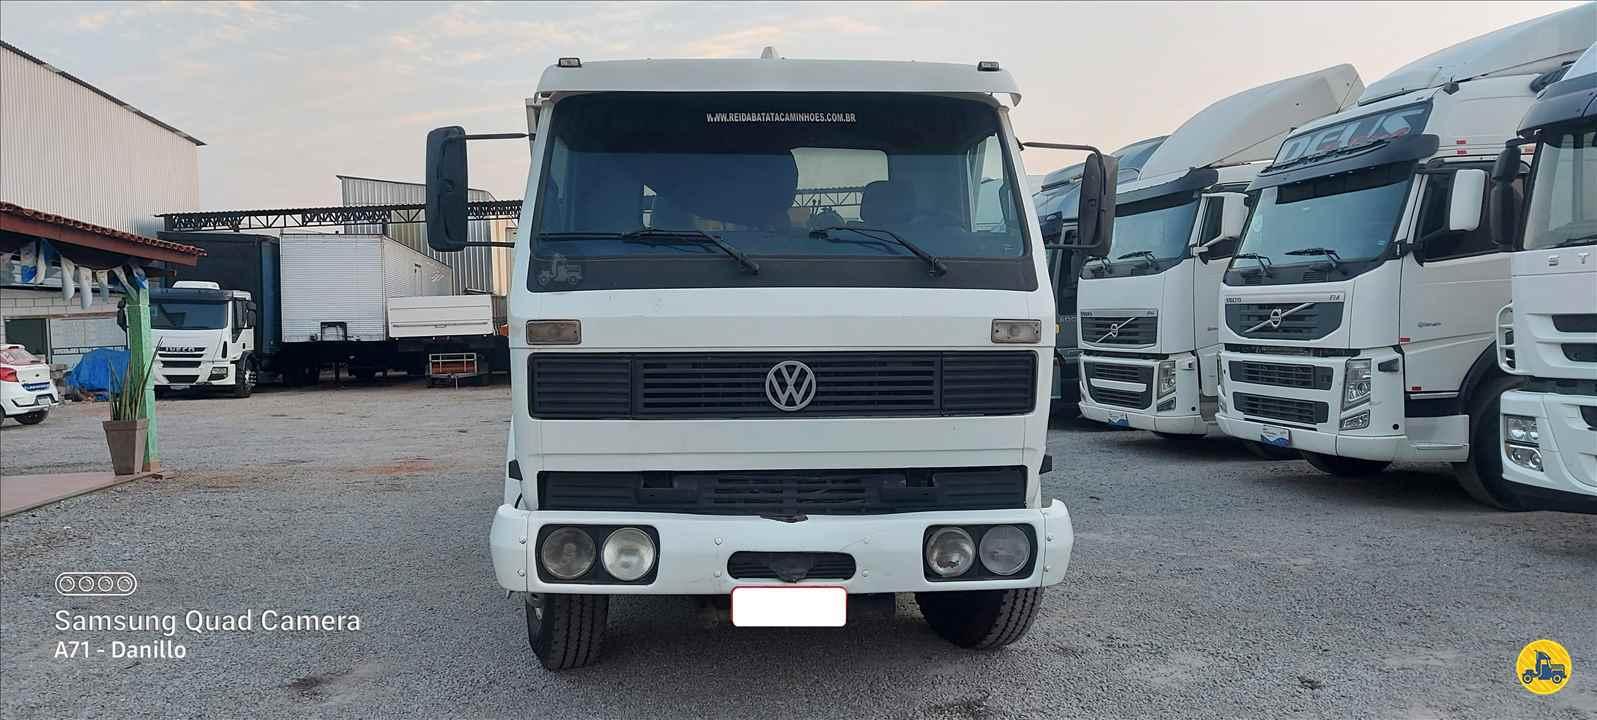 CAMINHAO VOLKSWAGEN VW 11130 Guincho Munck Truck 6x2 13 de Maio Caminhões BETIM MINAS GERAIS MG